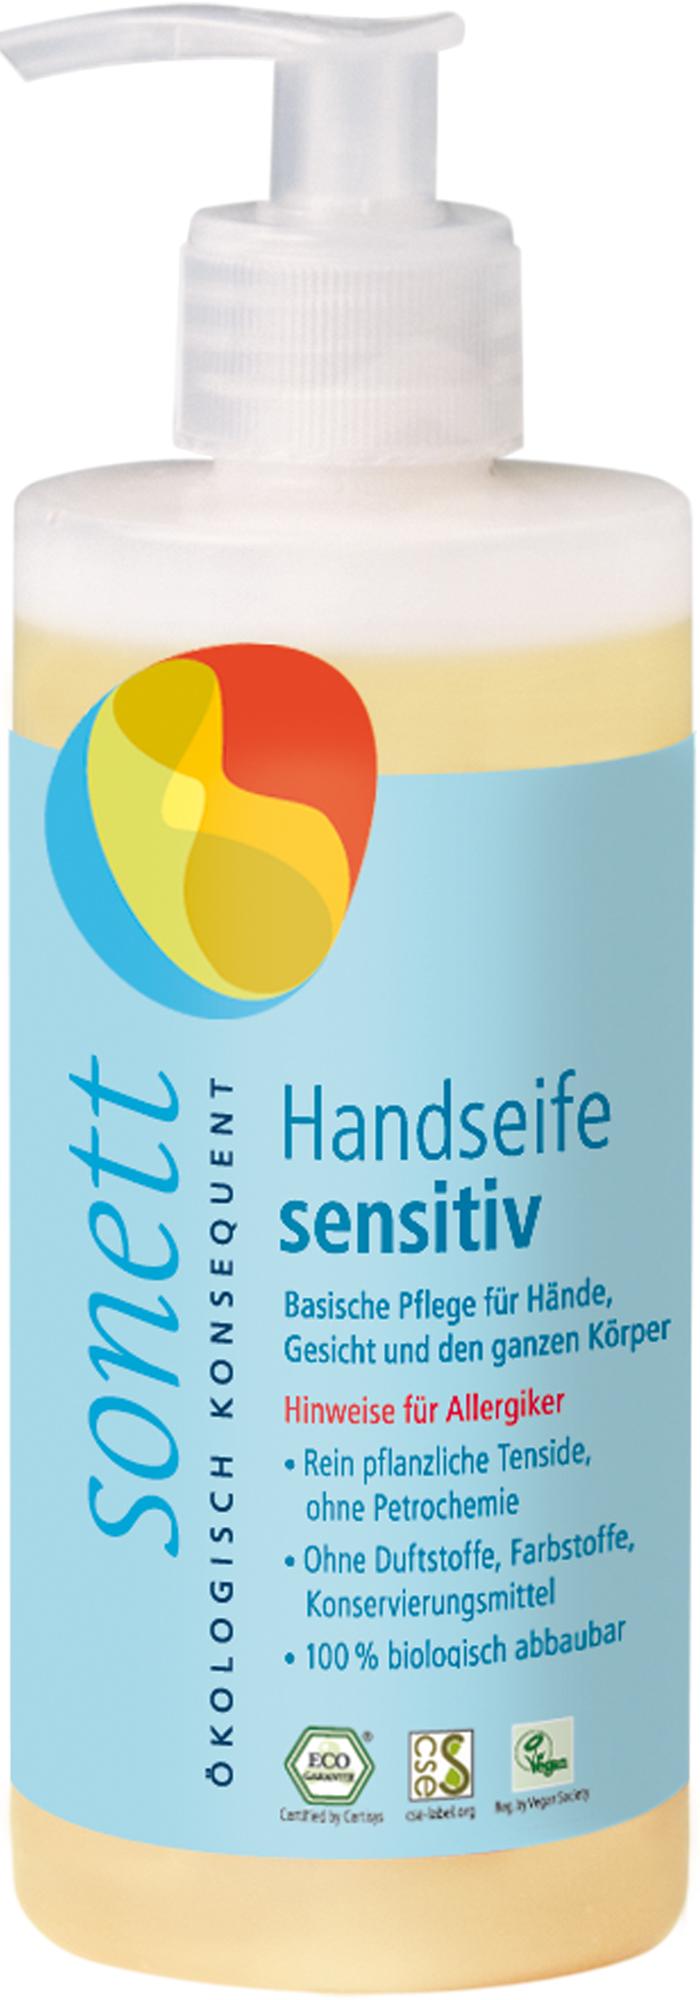 Handseife sensitiv, Spender, 300 ml